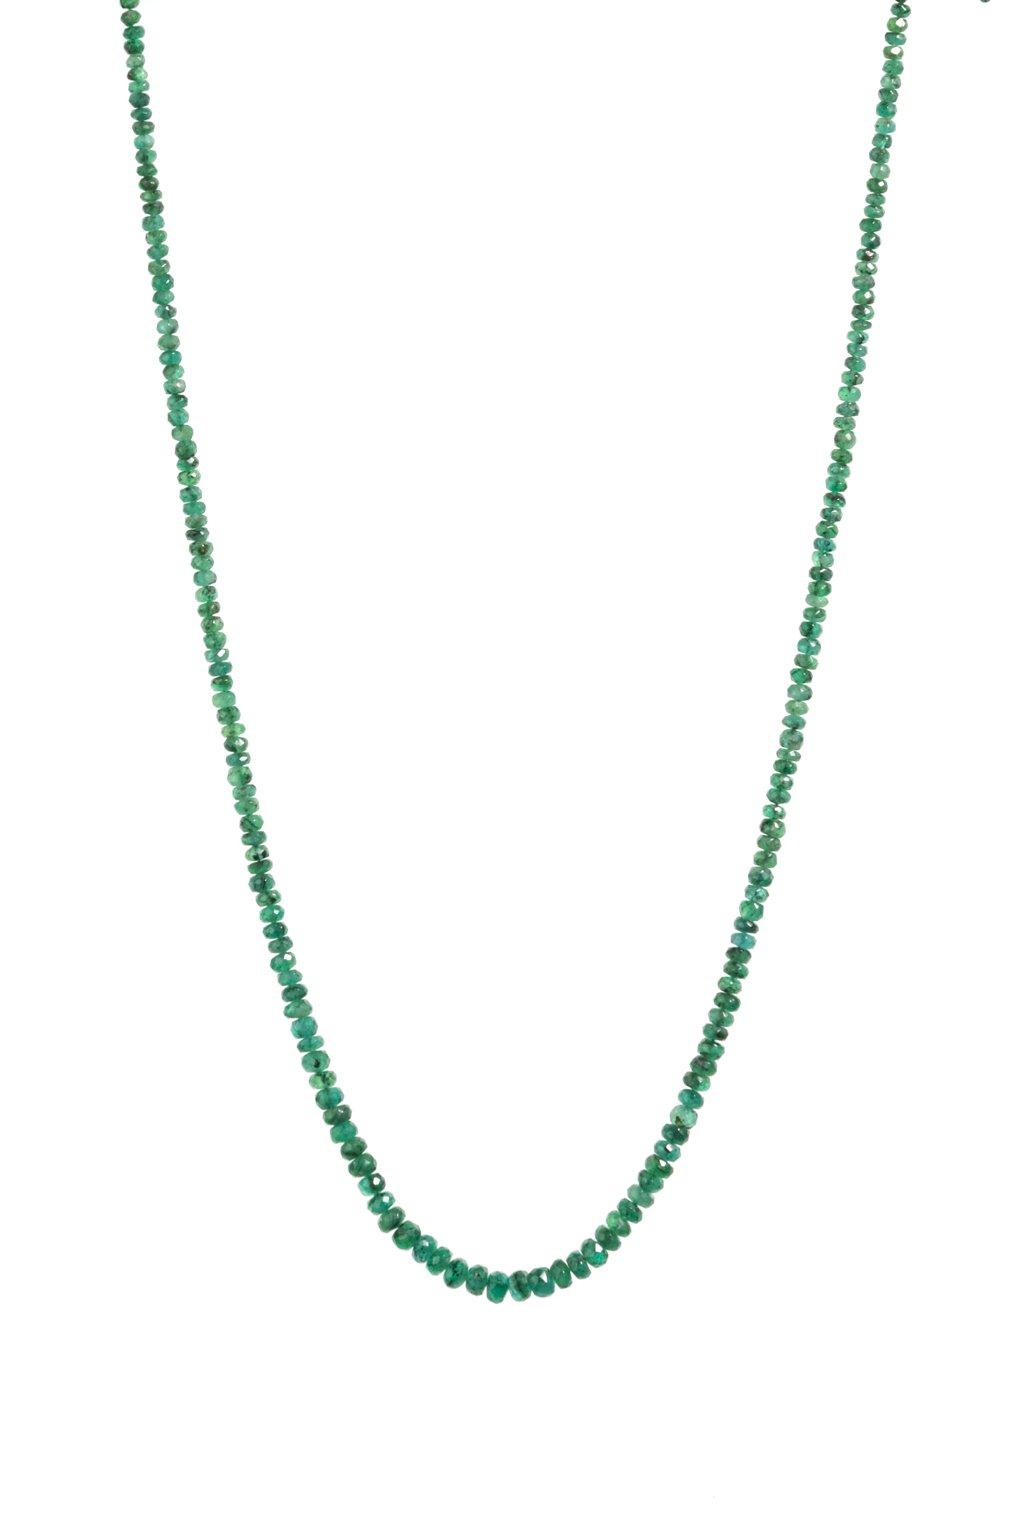 143 Smaragdový náhrdelník